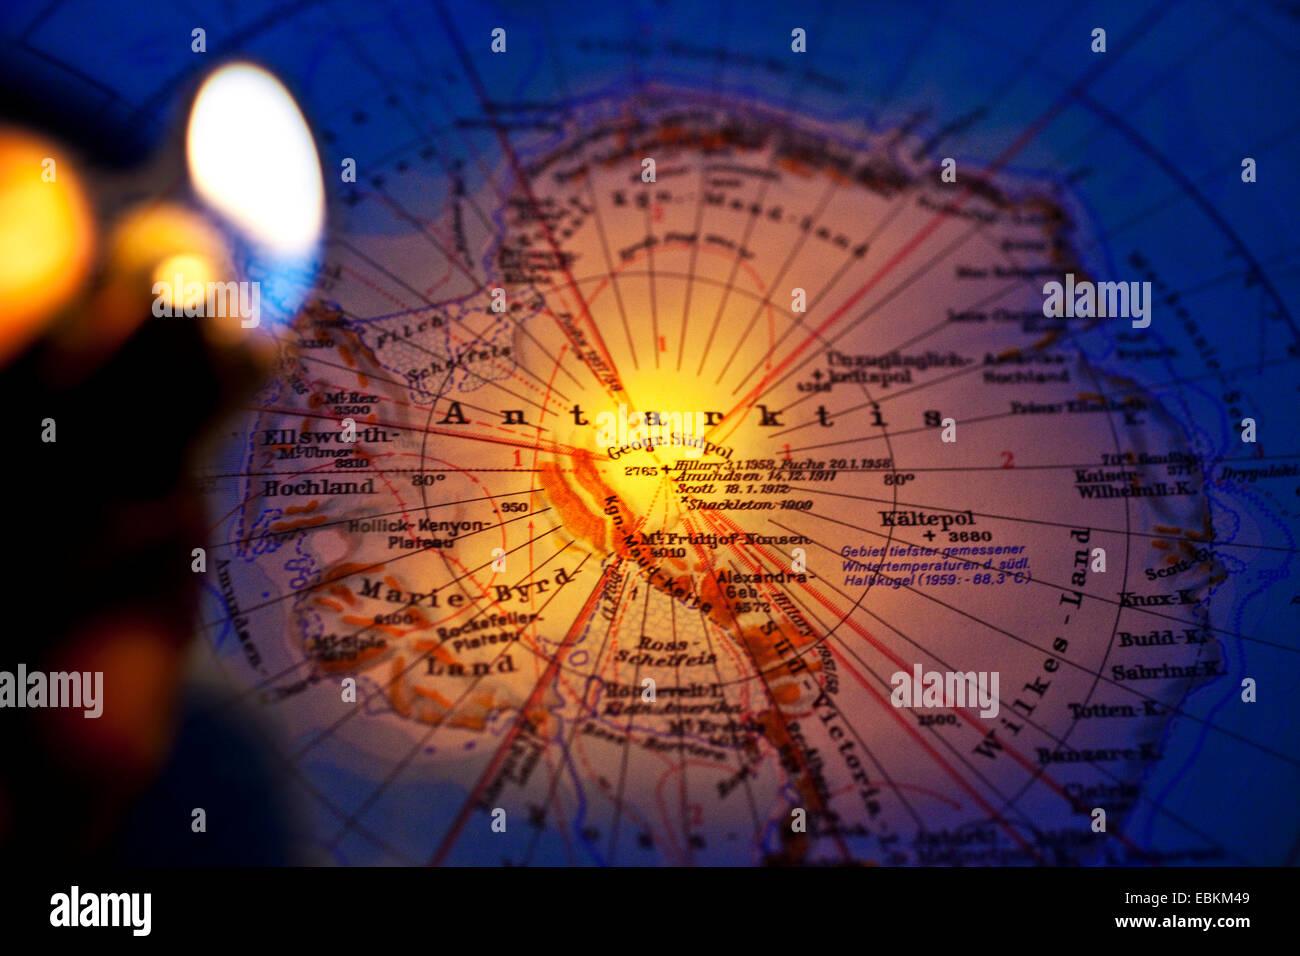 Briquet gravure carte ci-dessus de l'Antarctique, symbole du réchauffement climatique Photo Stock